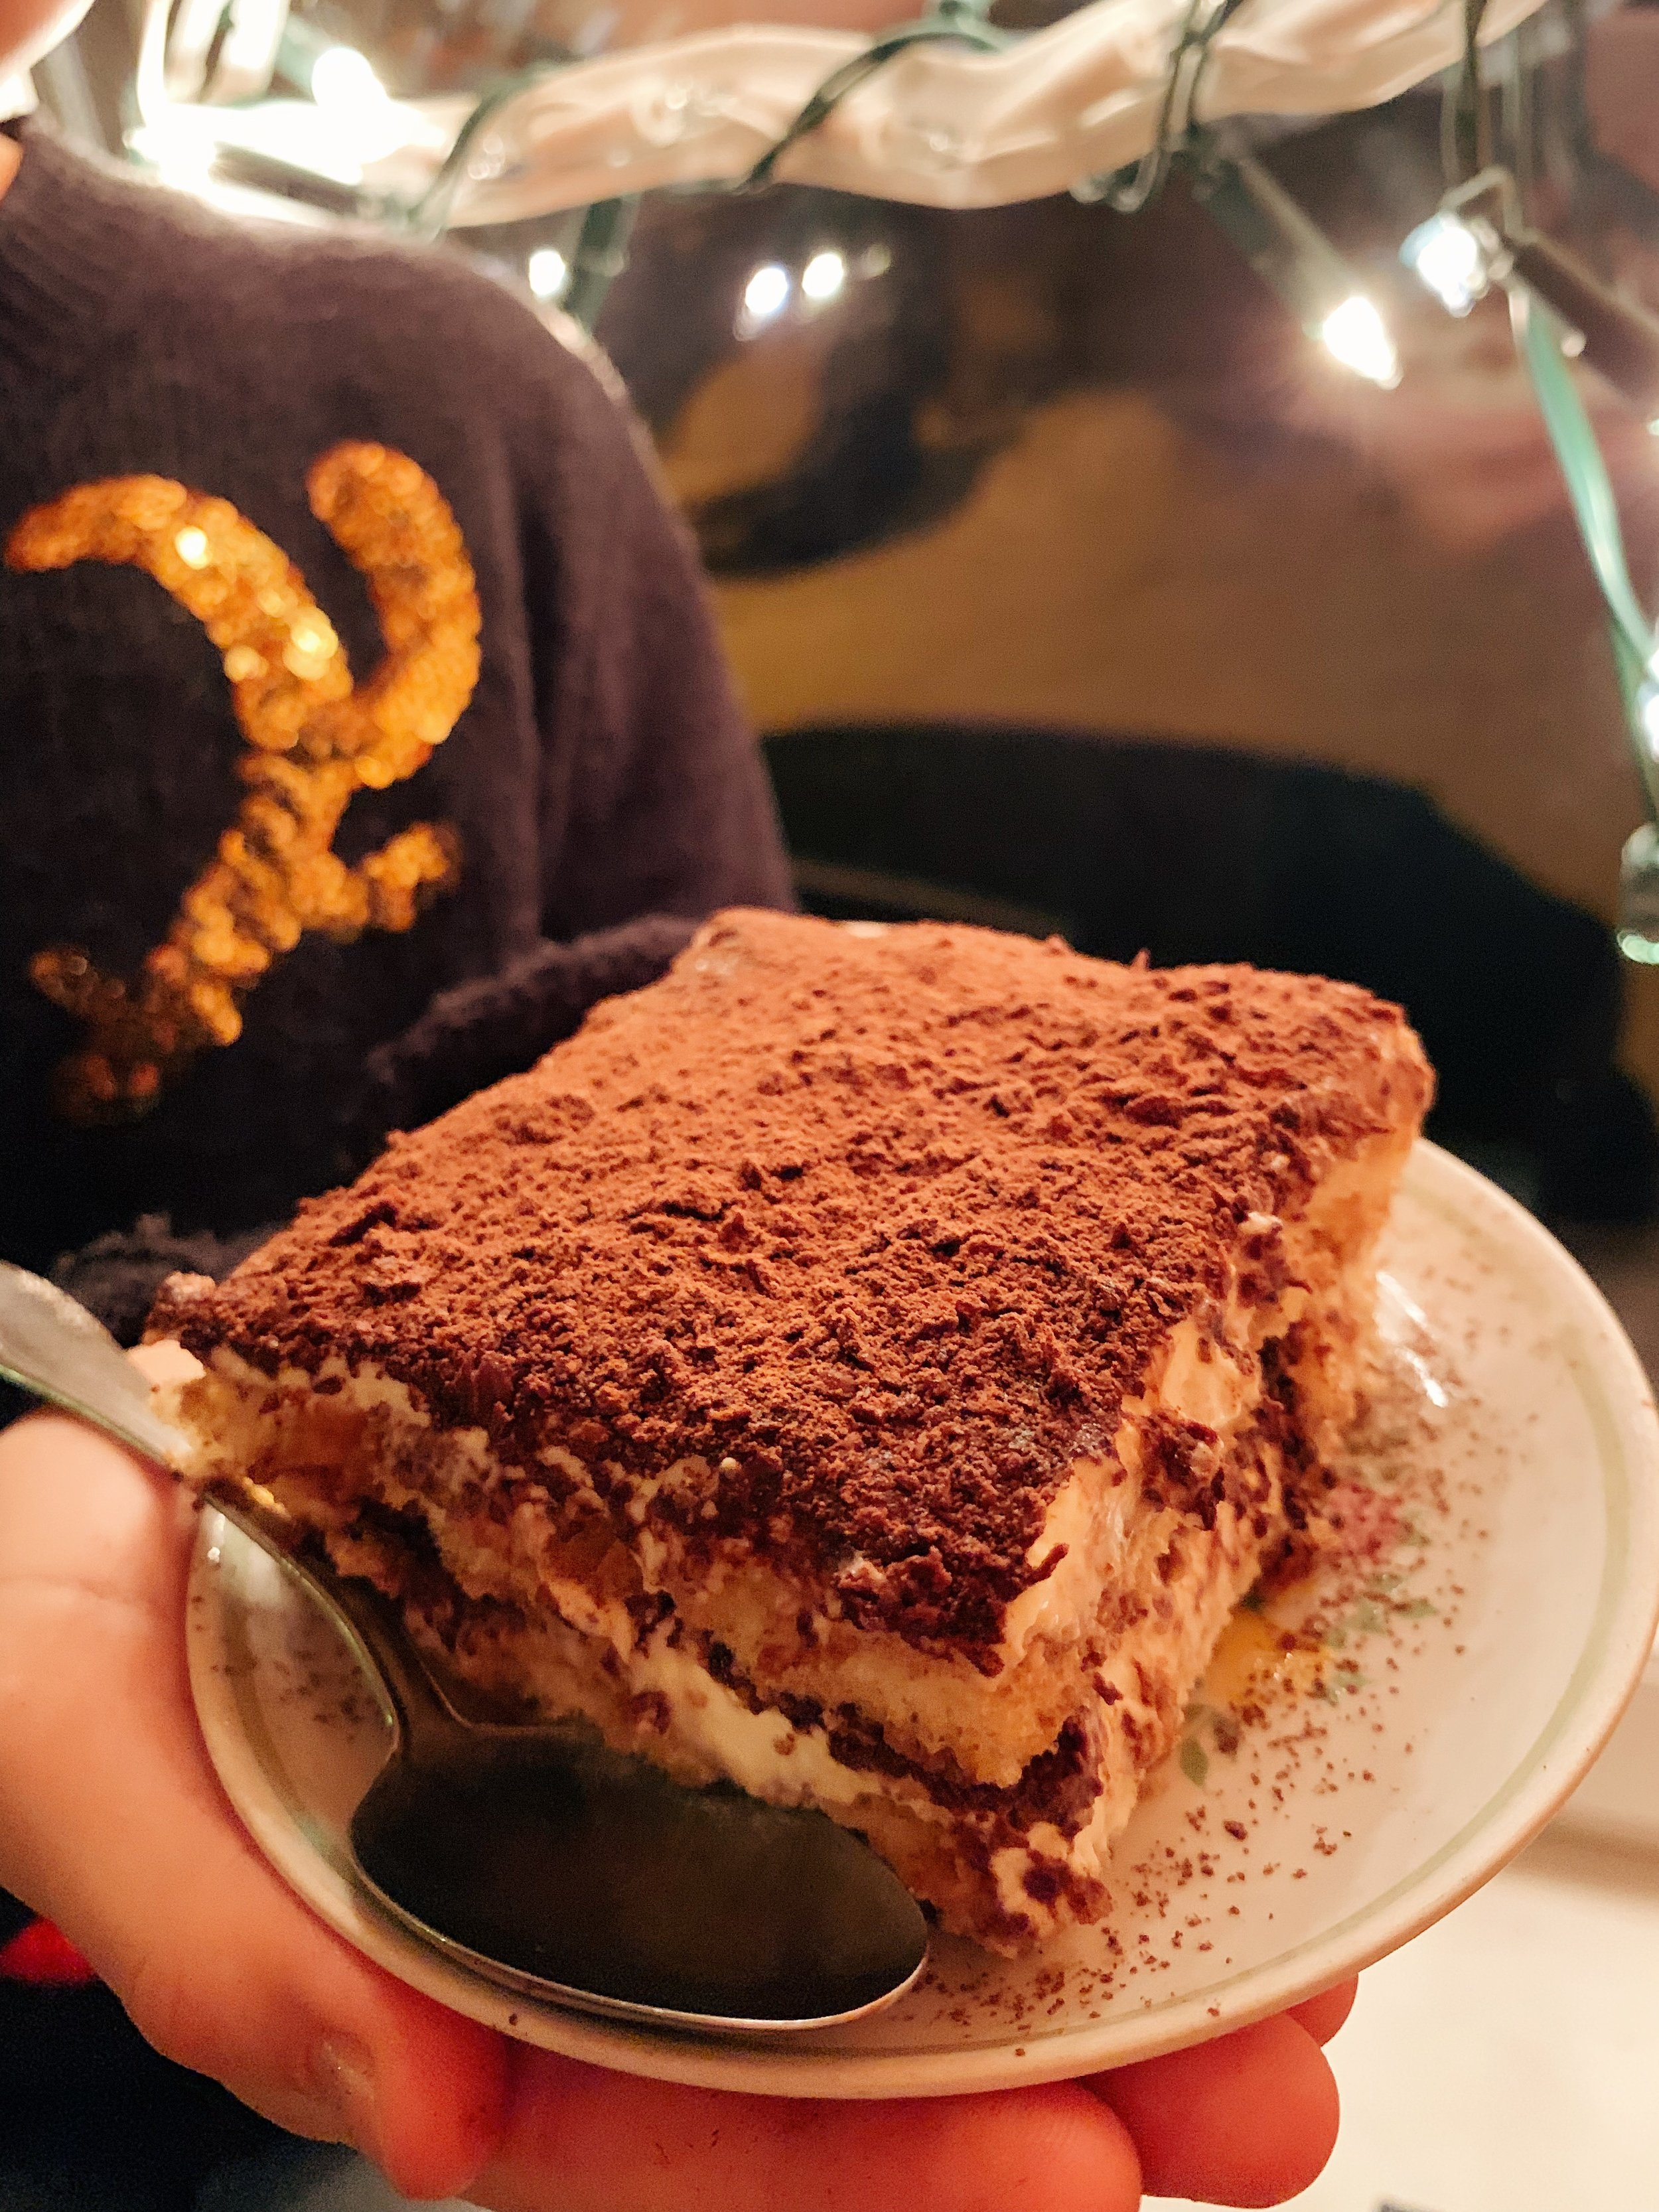 """mūsmāju tiramisu ar šokolādi - no pieredzes varu teikt, ka šito tiramisu var pagatavot divatā tieši 15 minūšu laikā (tas tā, ja ir laba sadarbība un drusku pieredzīte 😄🙈). kas tālāk? tālāk tas jāatstāj gatavoties vismaz stundas 8 - 10, tad tas būs izcili labs, savilcies un gatavs pasniegšanai 🍽 tiramisu drusku garšo pēc """"svētki nekad nebeidzas"""" un šim laikam tas ļoti labi piederēsies ✨"""